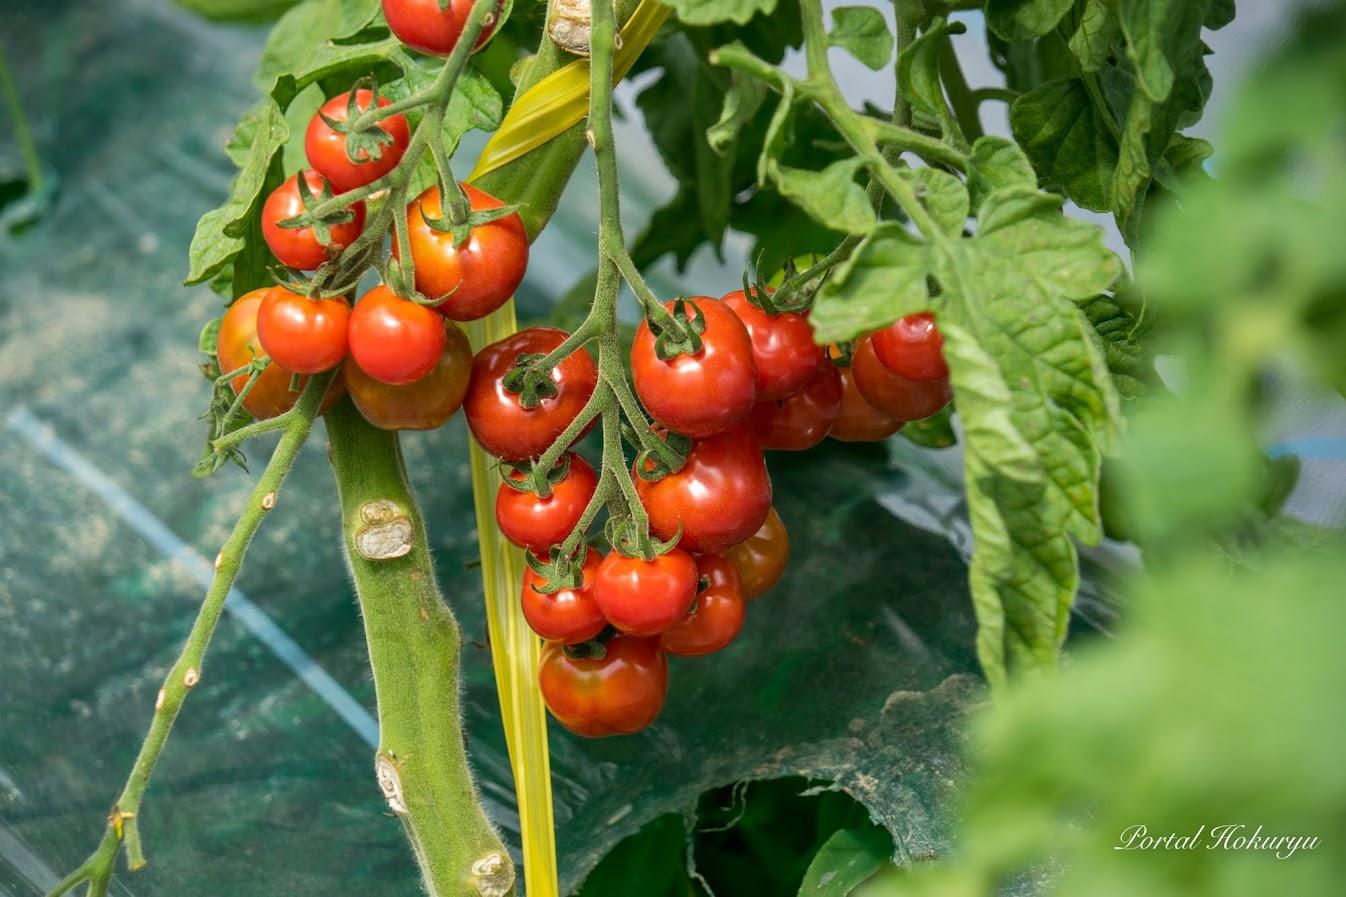 真っ赤に熟したミニトマト「プチぷよ」